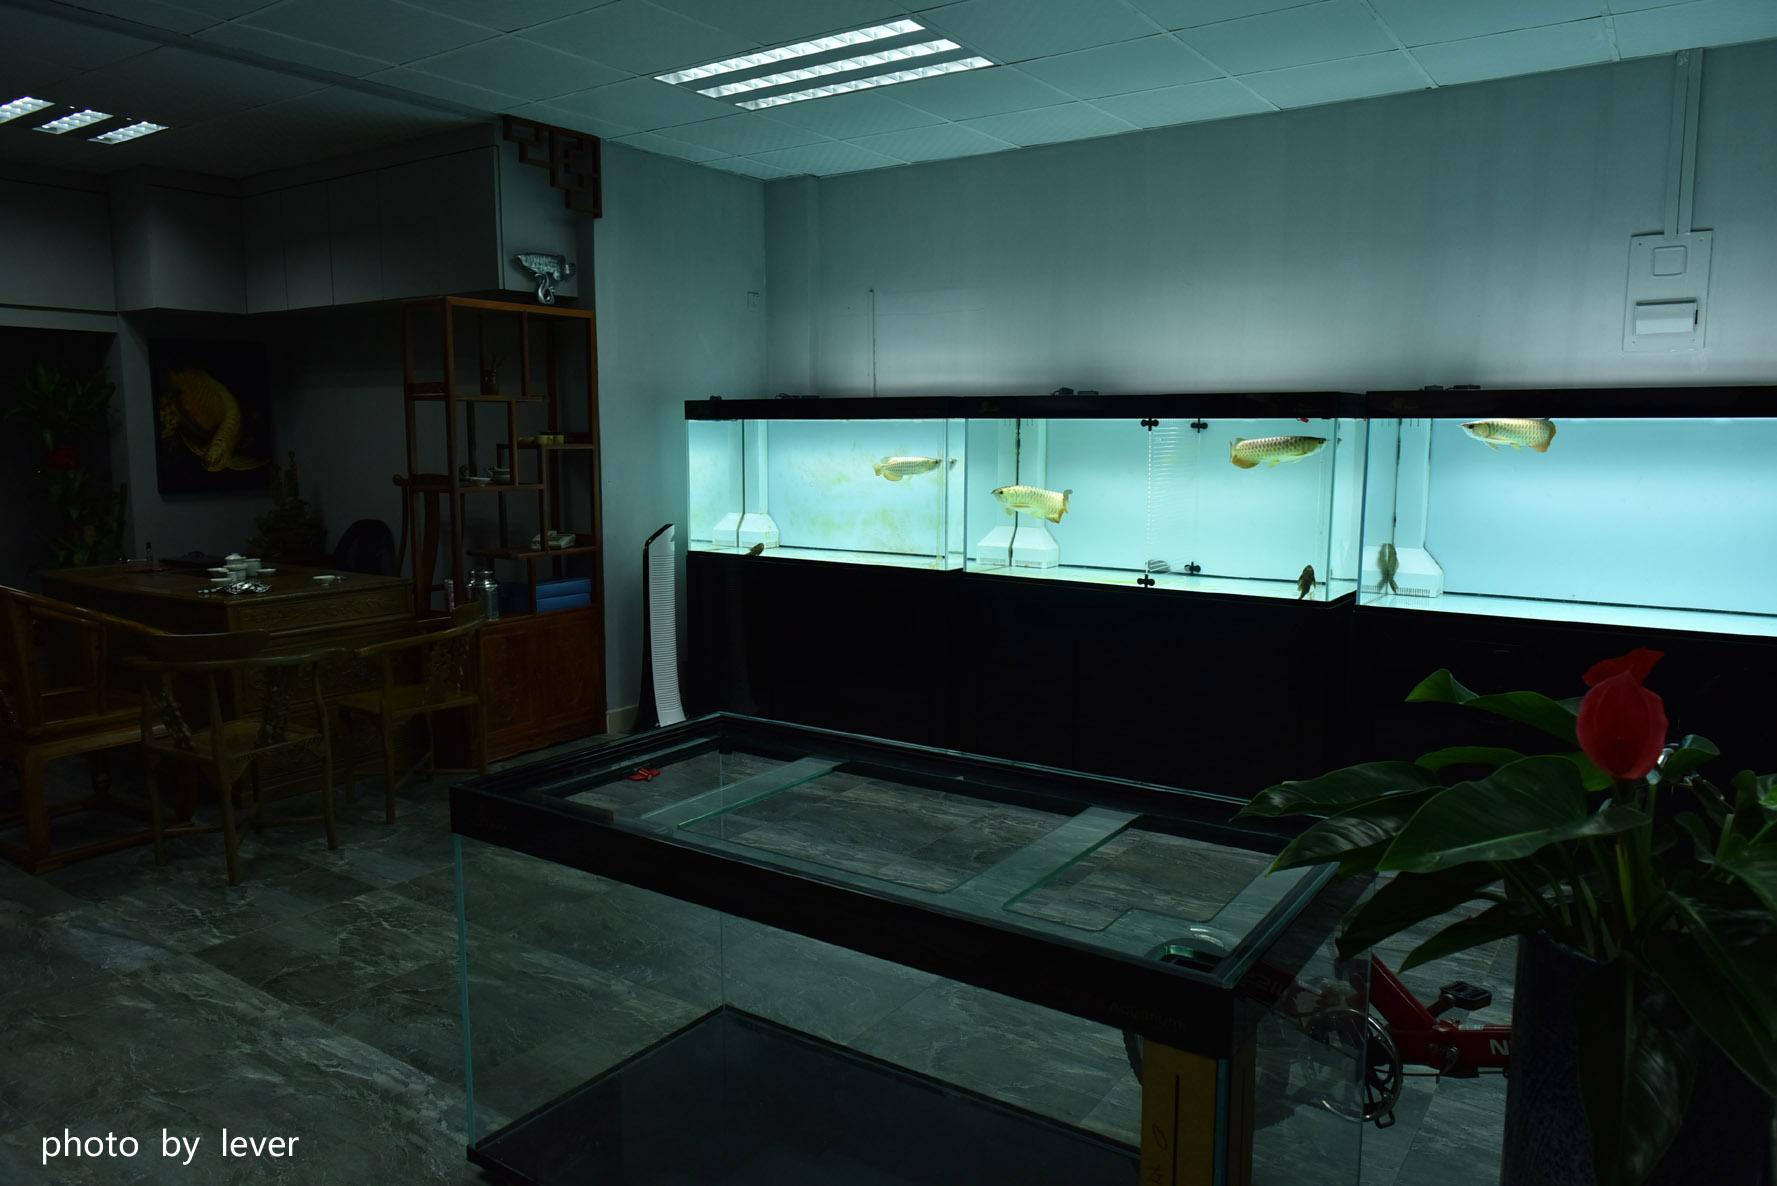 嗨我虽是杂文泰虎但也很多人喜欢我哟 西安观赏鱼信息 西安博特第18张